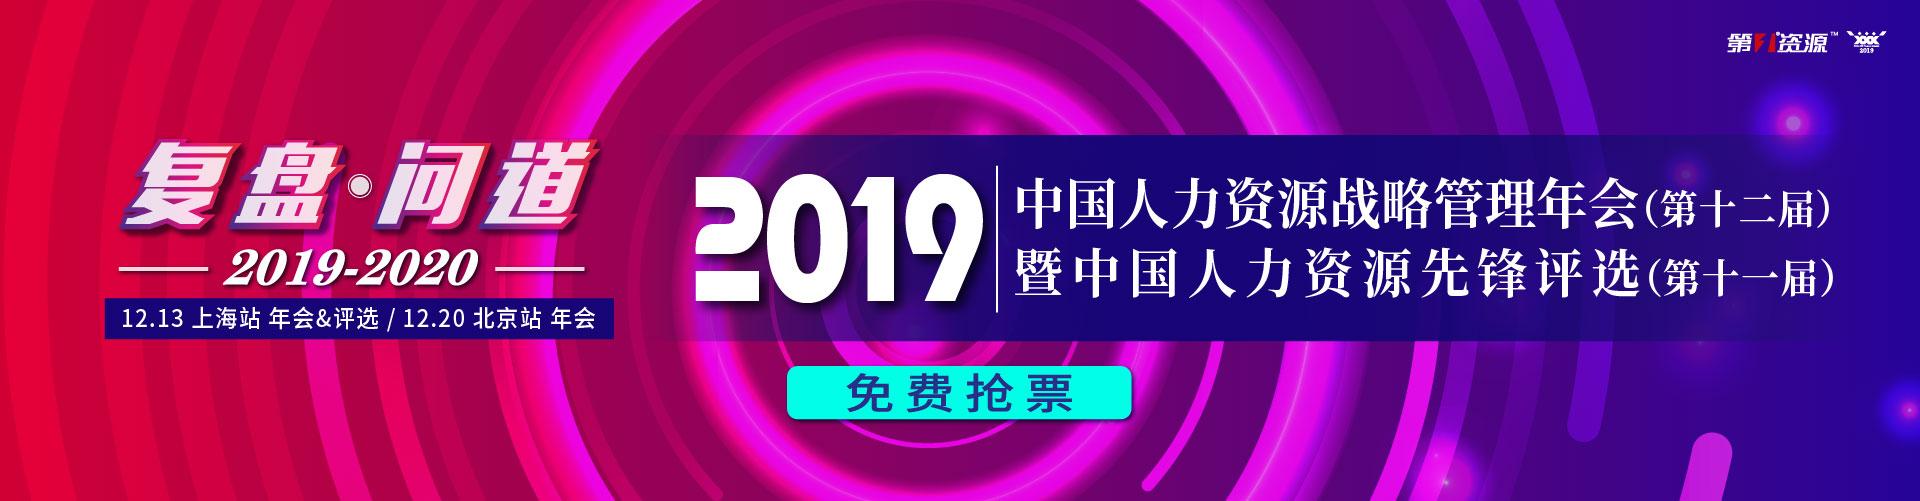 【第一资源】2019中国人力资源战略管理年会(第十二届)暨  2019中国人力资源先锋评选(第十一届)